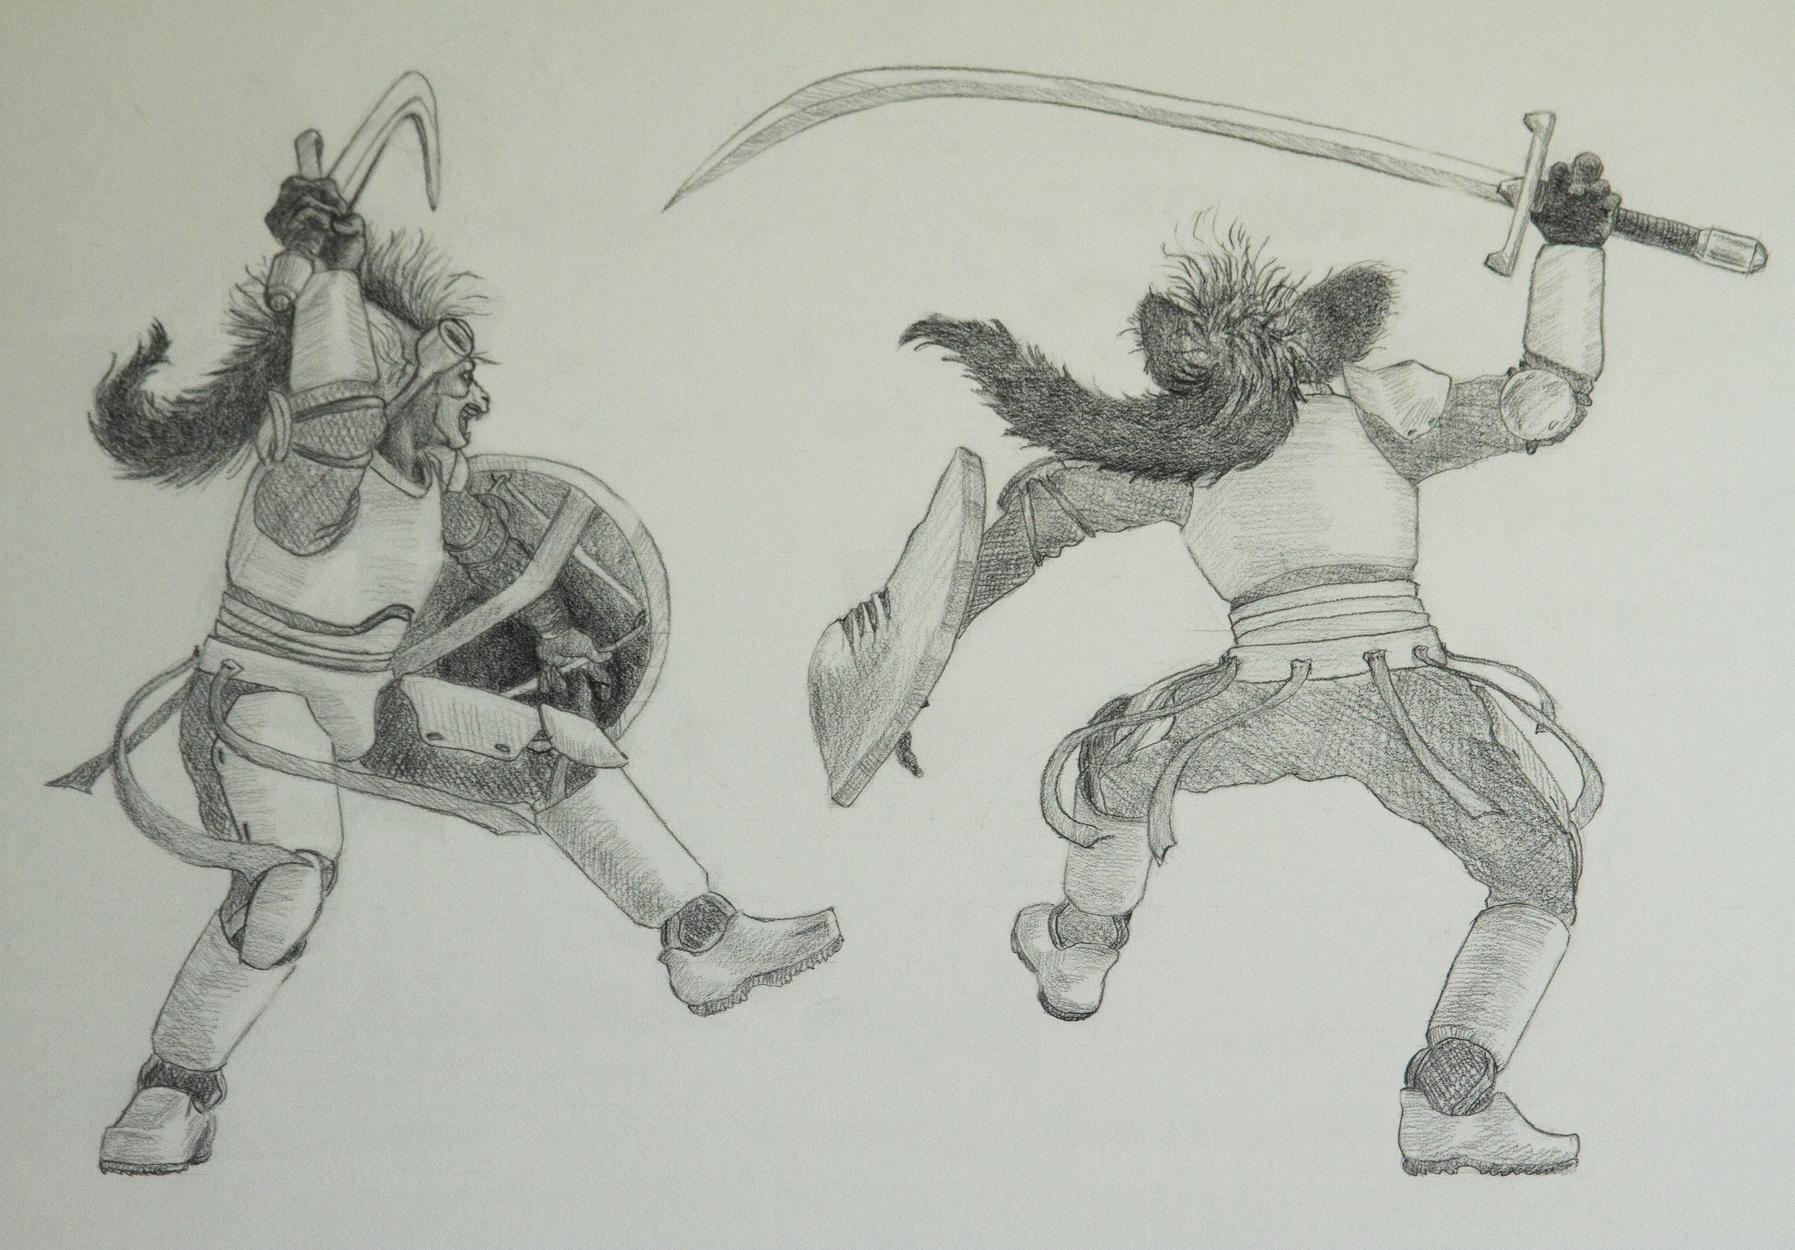 Nightfighter - Black and White Views Artwork by Erika Espiritu